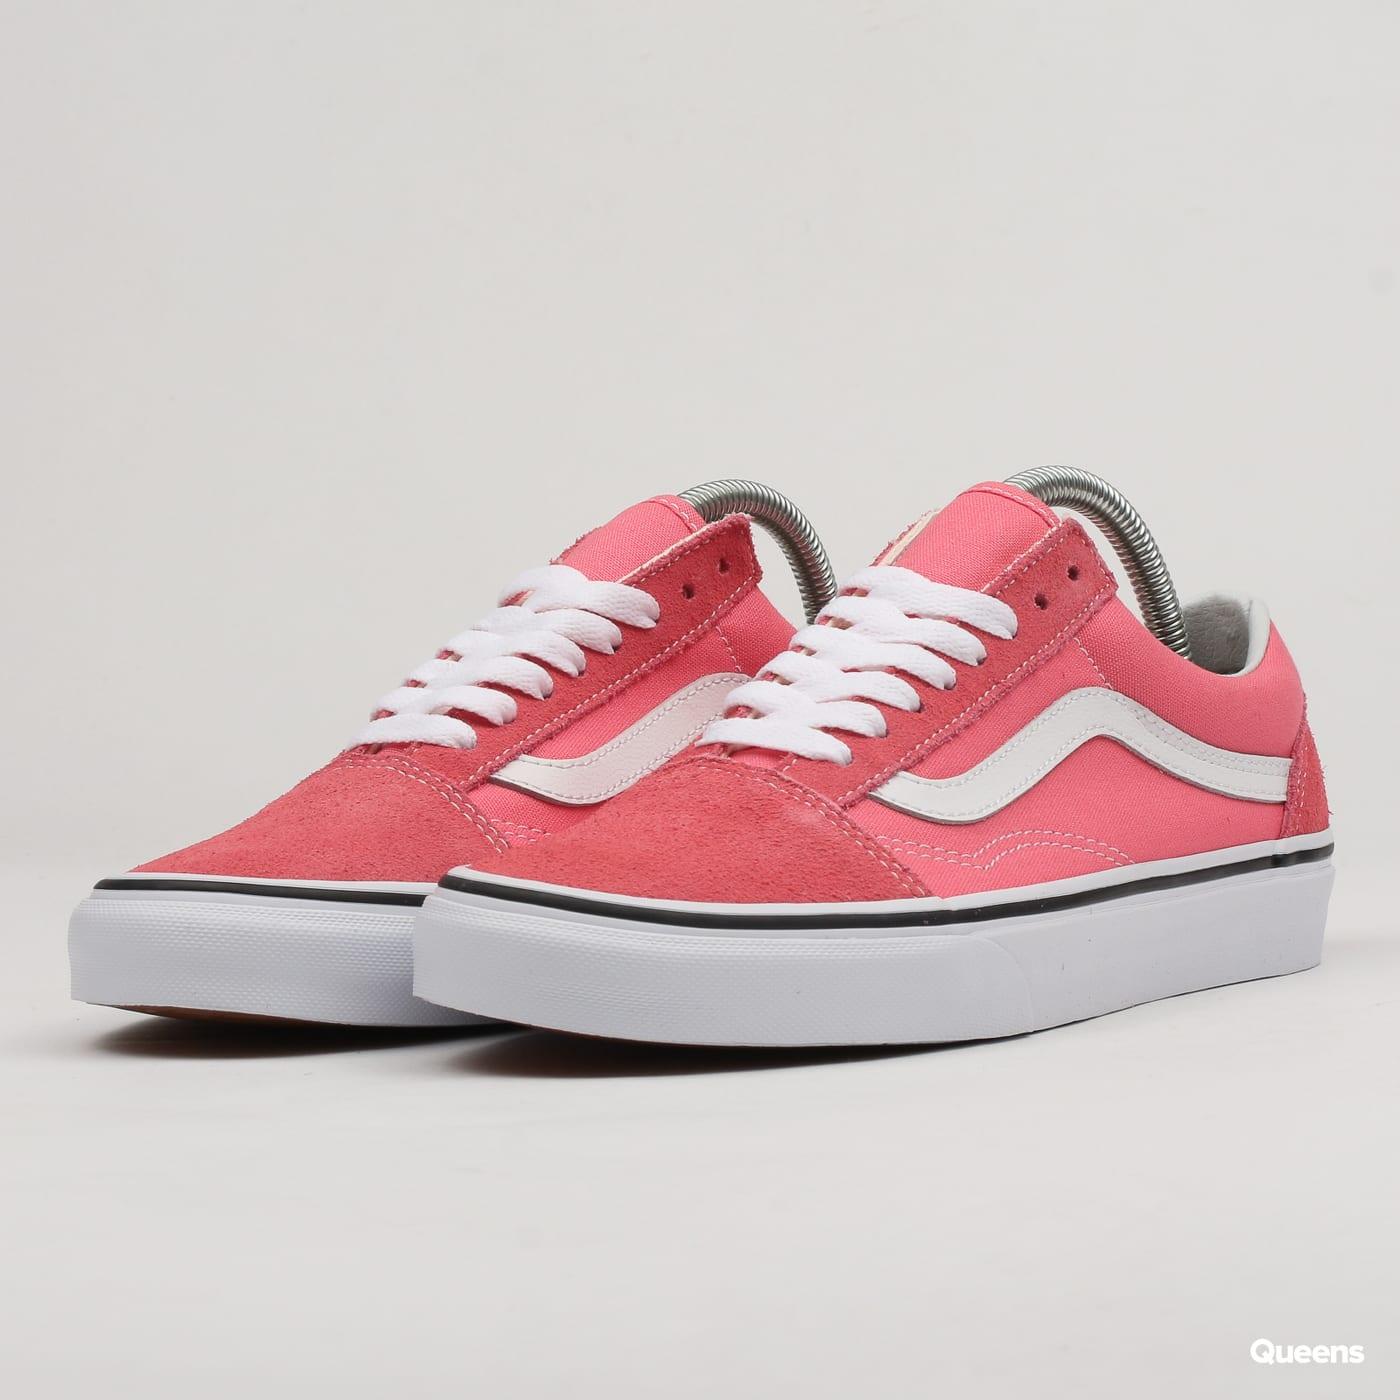 Vans Old Skool strawberry pink